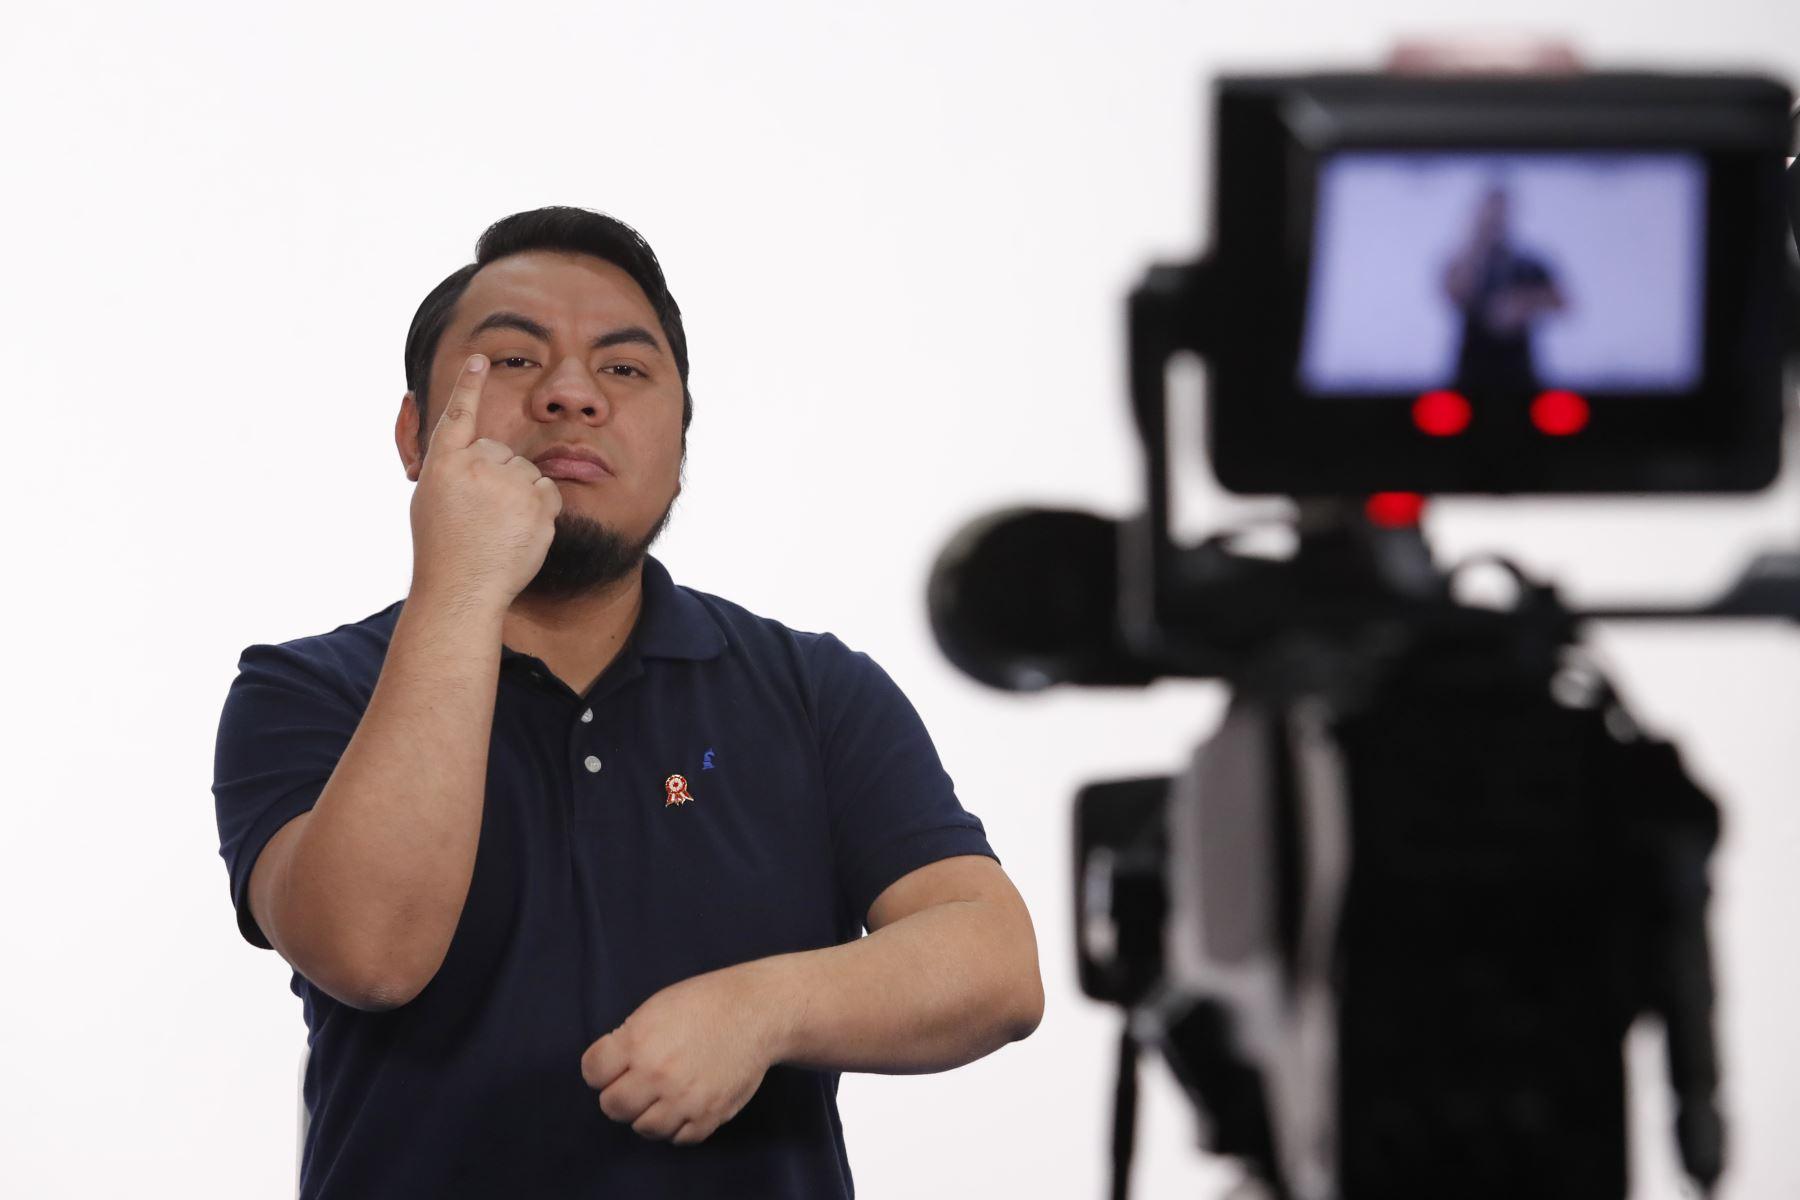 Moisés Piscoya, tiene más de 18 años de experiencia como intérprete de lengua de señas y desde 2016 trabaja en TV Perú. Foto: ANDINA/Presidencia/Renato Pajuelo